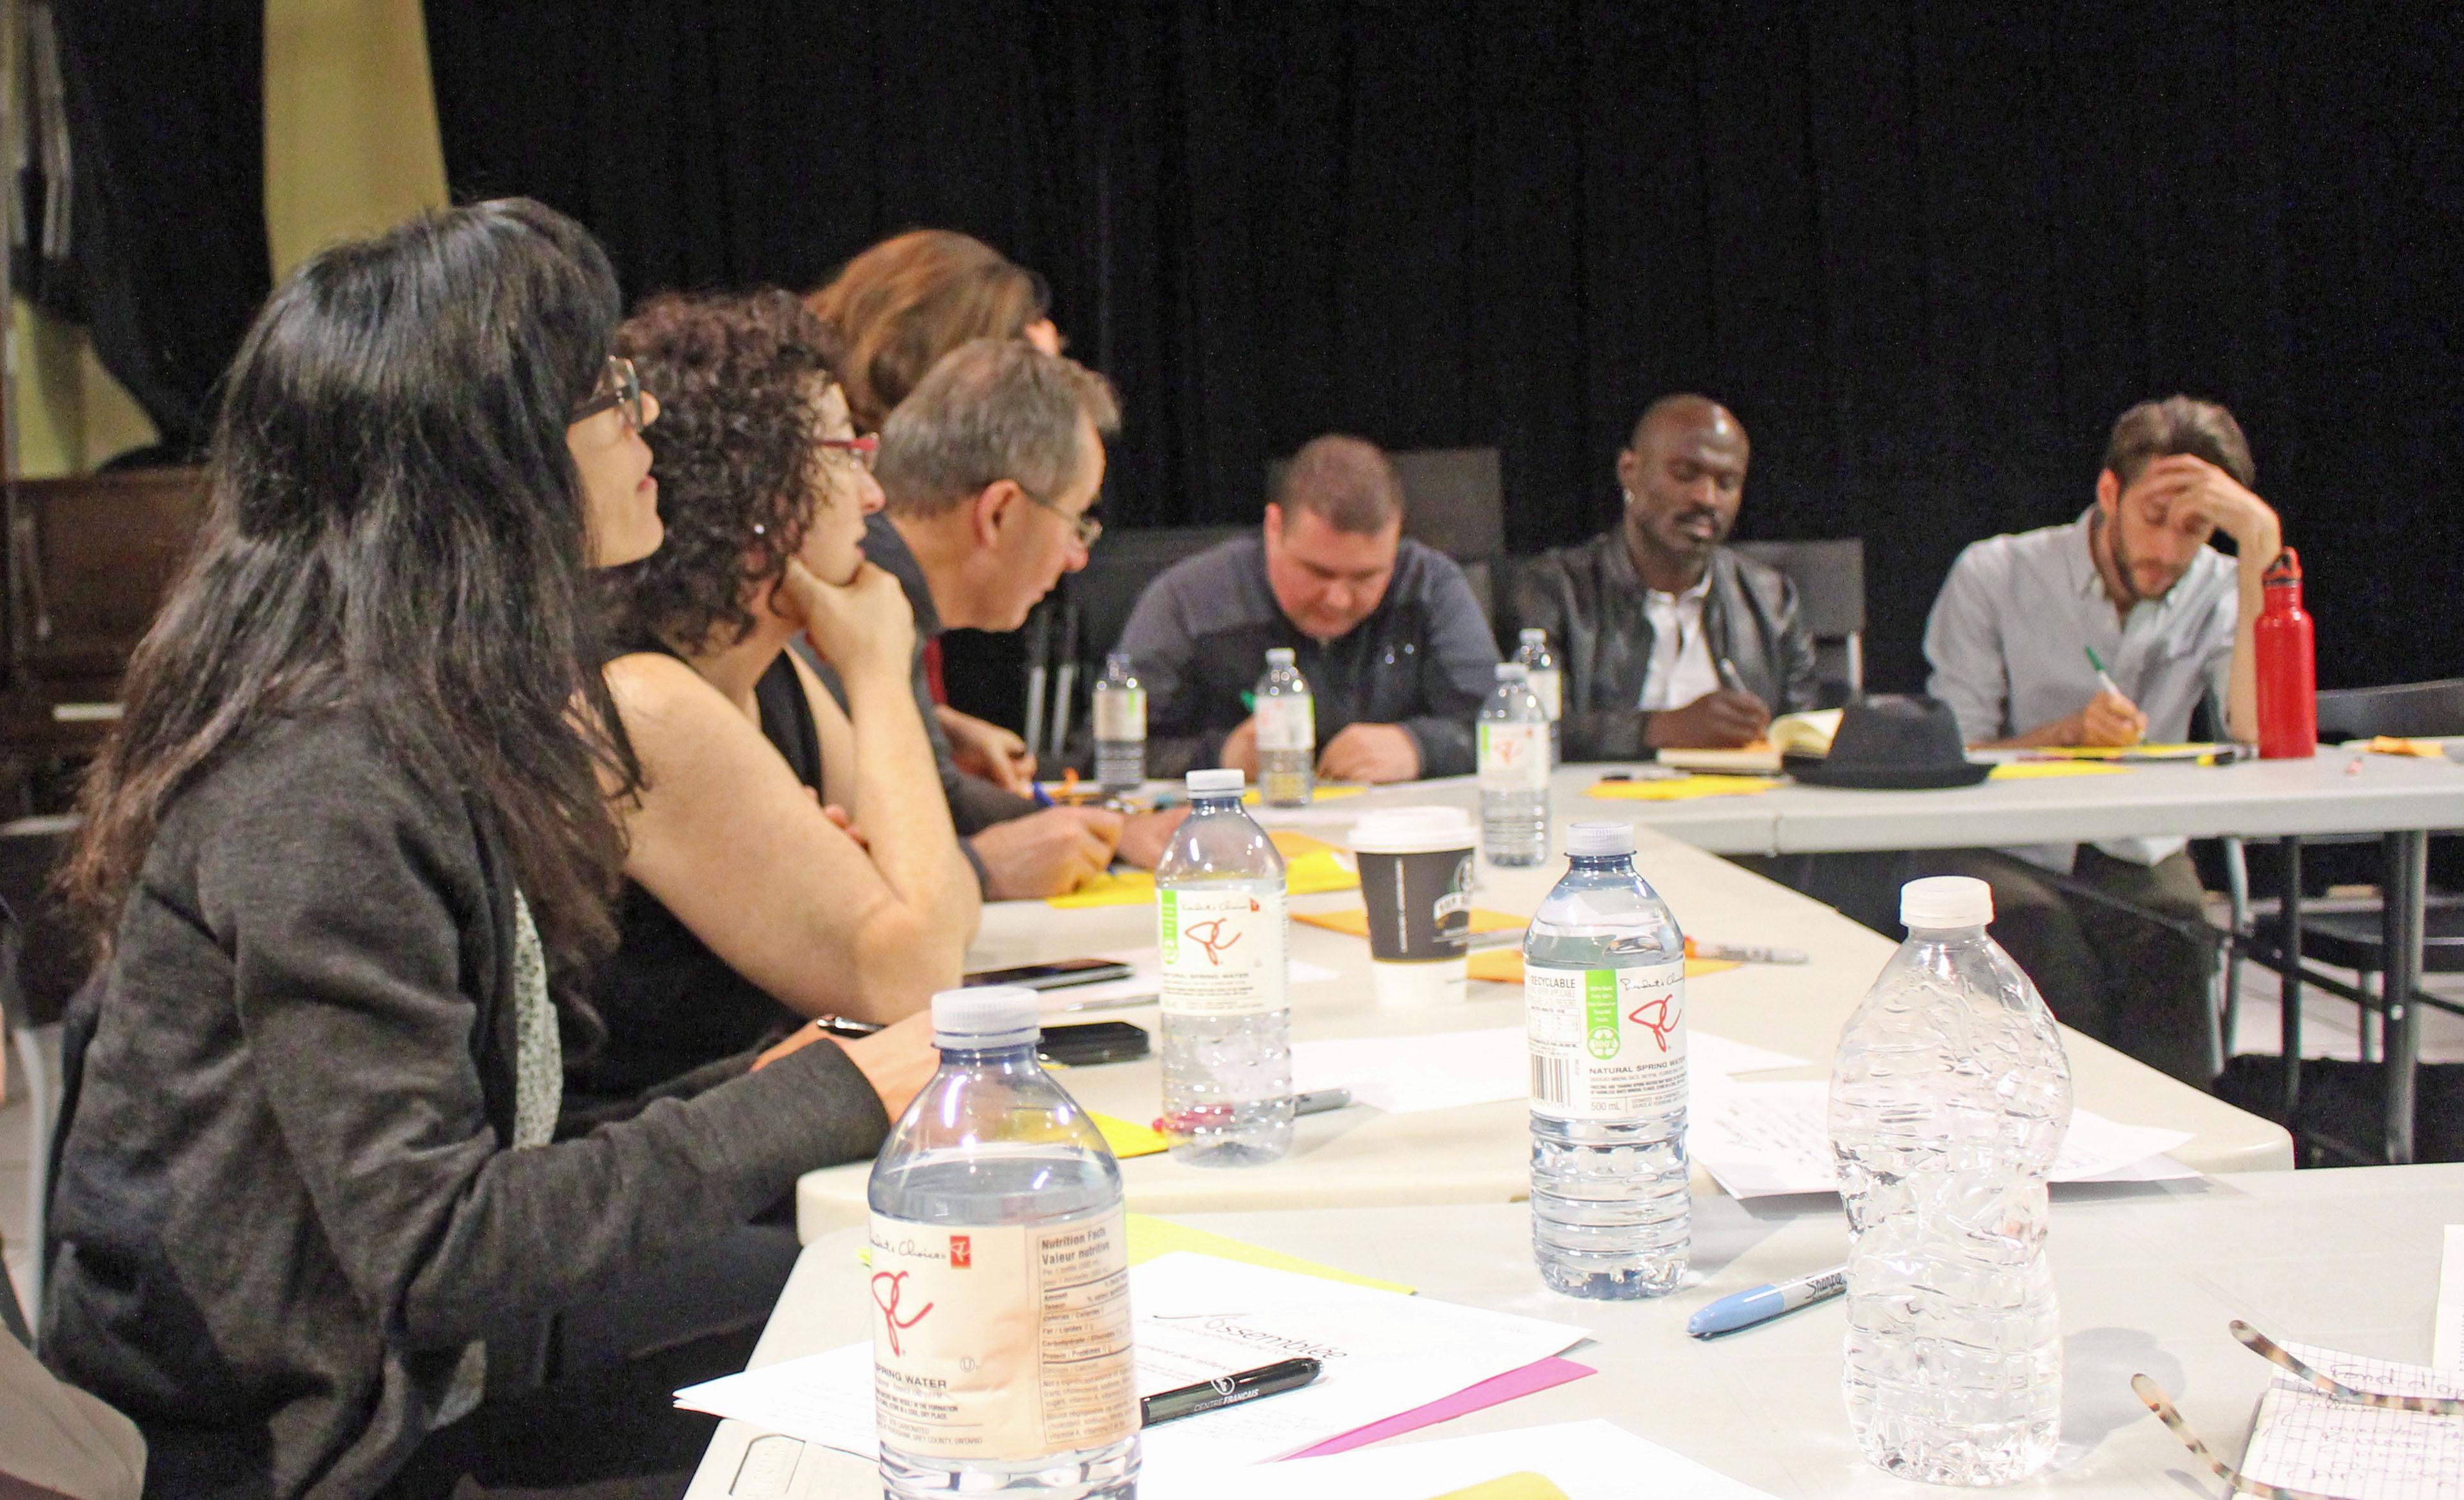 La communauté culturelle et artistique francophone de Toronto planche sur les enjeux des arts francophones de la province